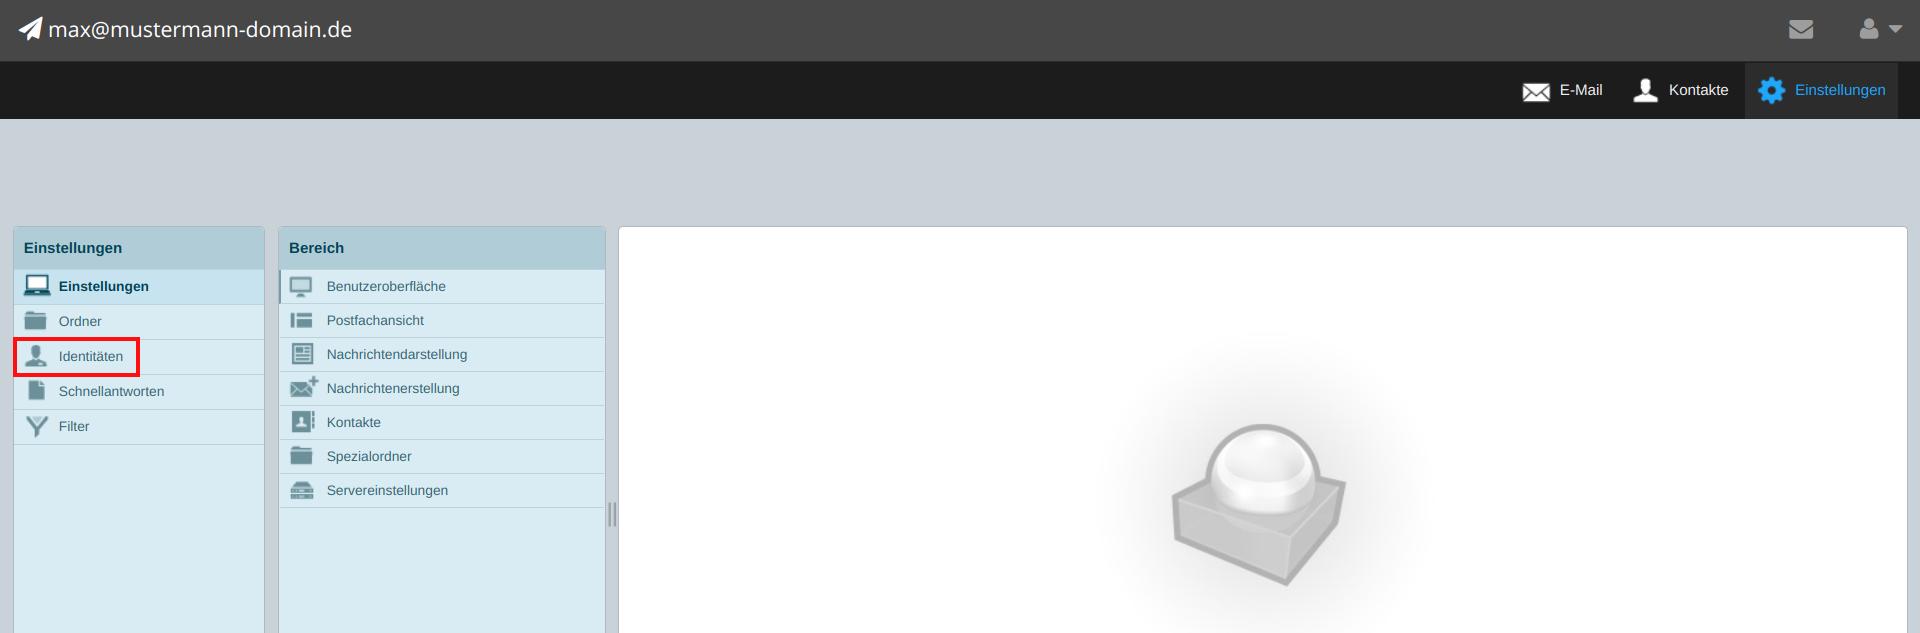 Webmailer Signatur 02